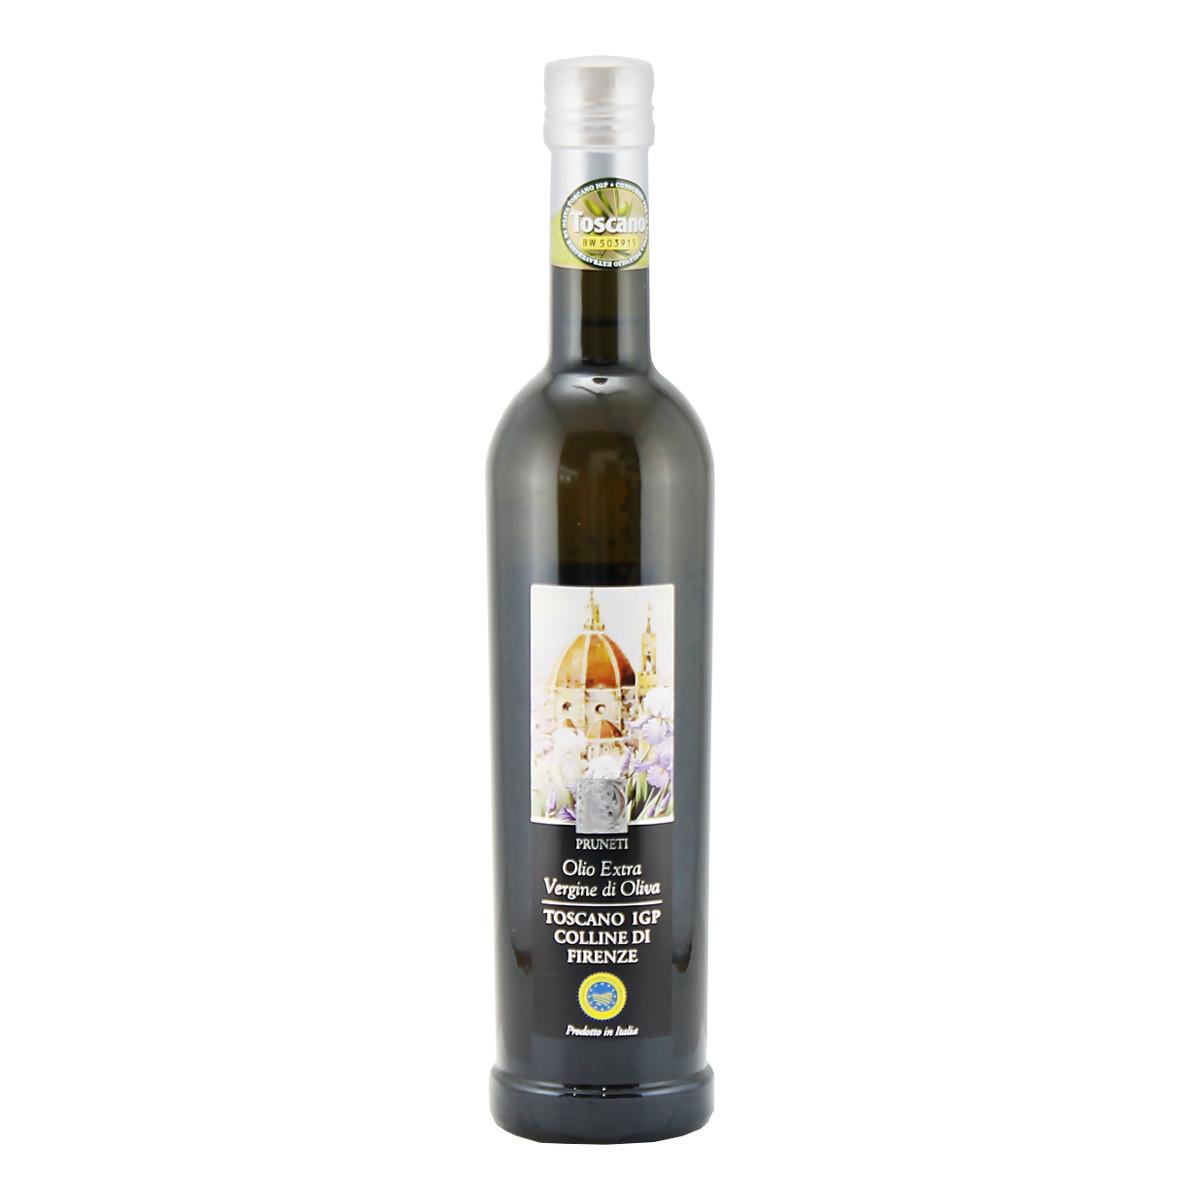 Масло оливковое э/в Тоскана I.G.P Холмы Флоренции, ПРУНЕТИ, 500мл